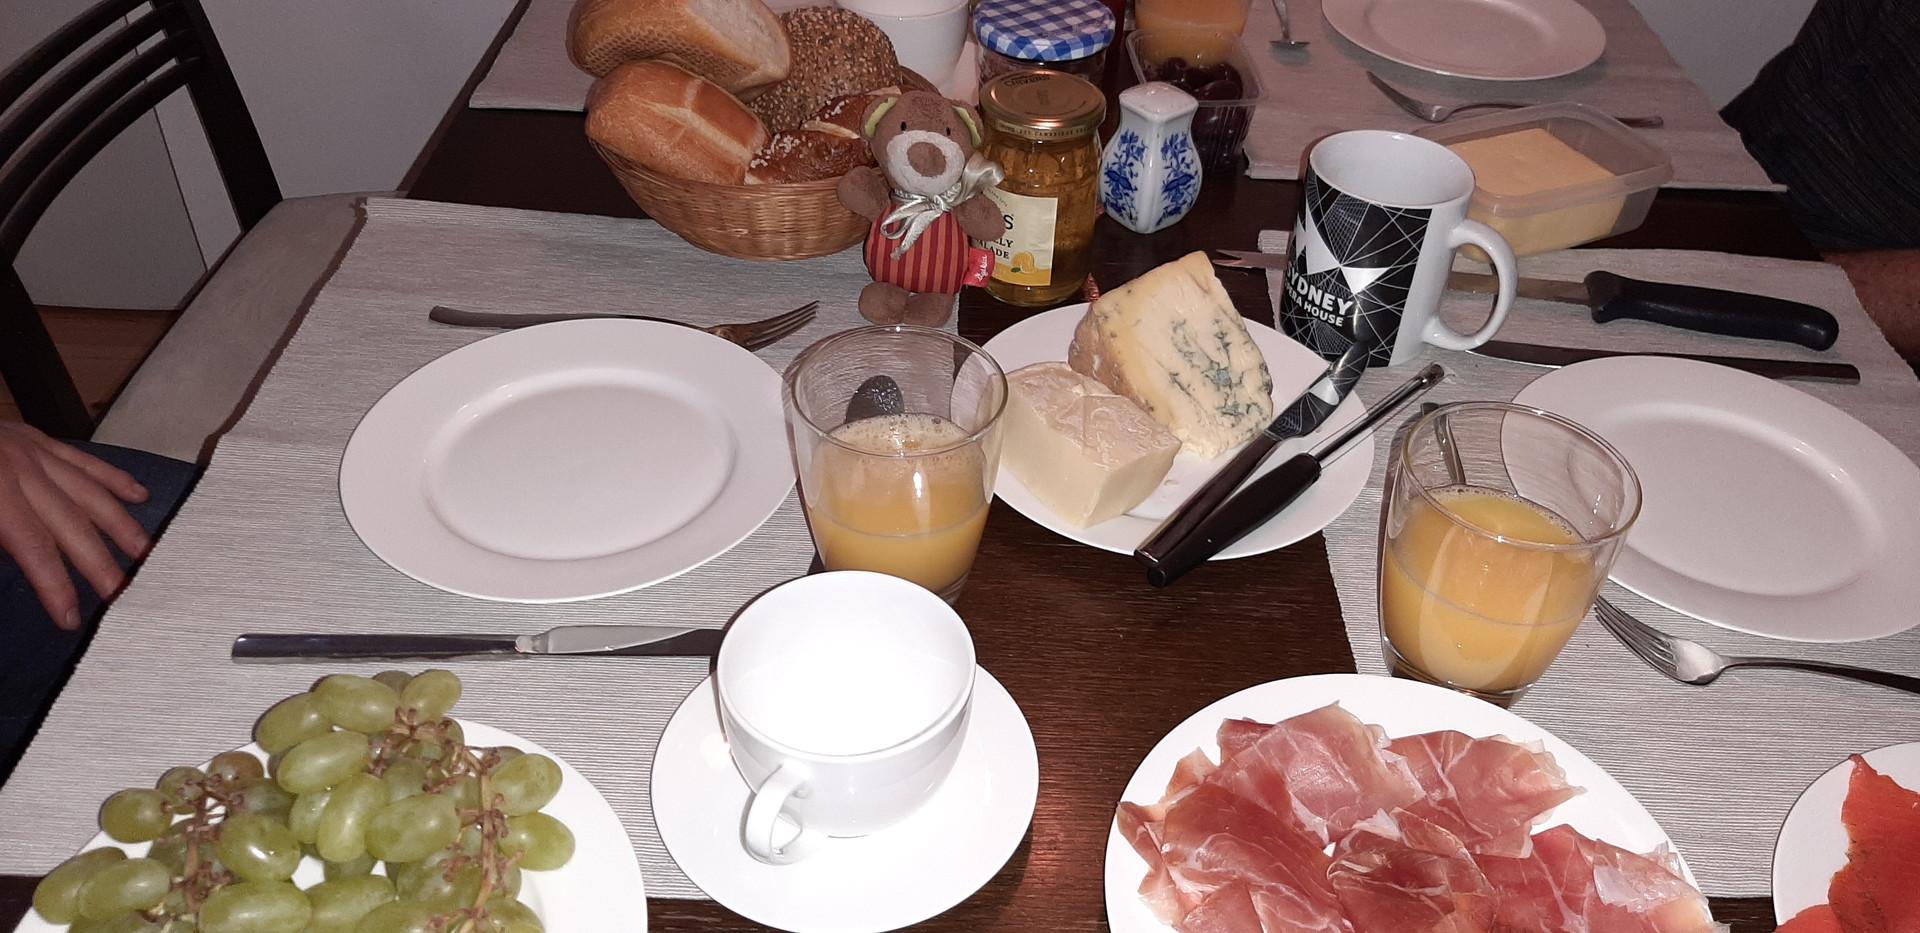 Breakfast berlin style